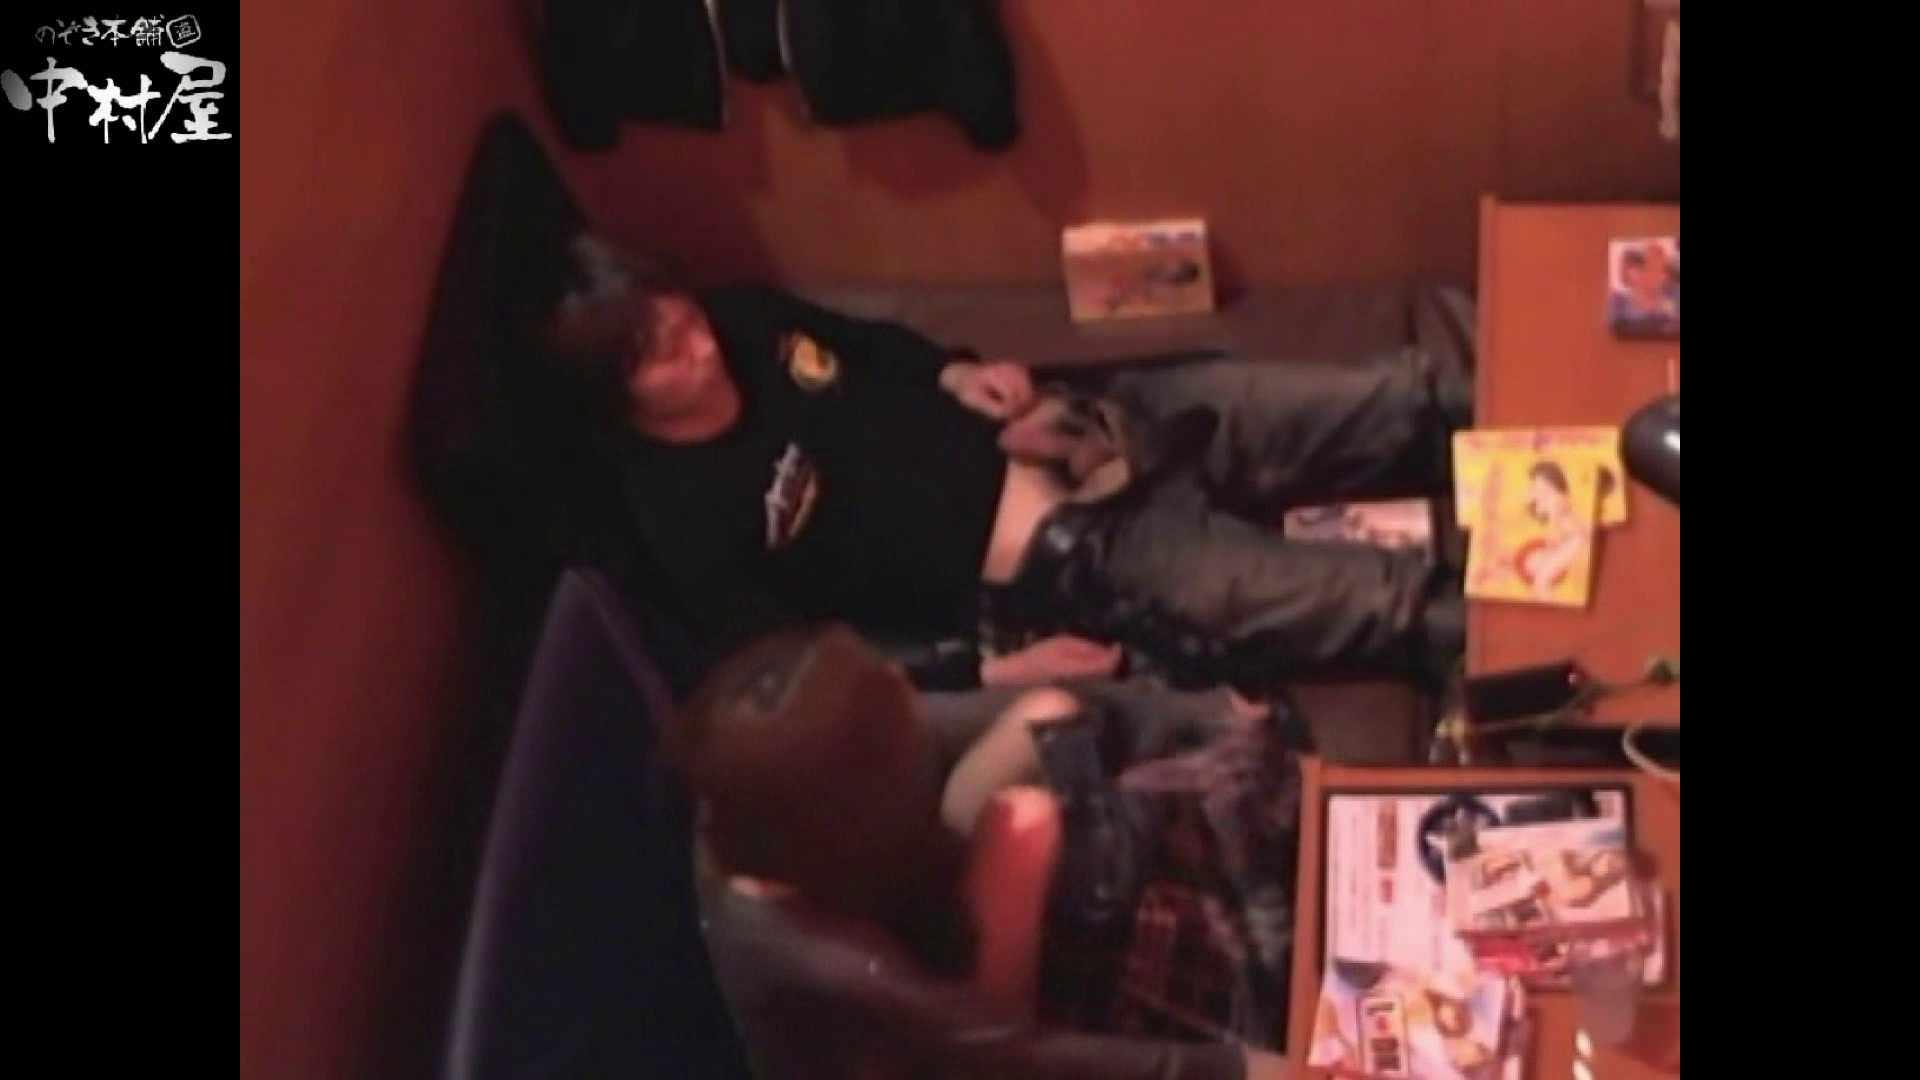 ネットカフェ盗撮師トロントさんの 素人カップル盗撮記vol.2 カップル映像 おまんこ無修正動画無料 76PIX 50